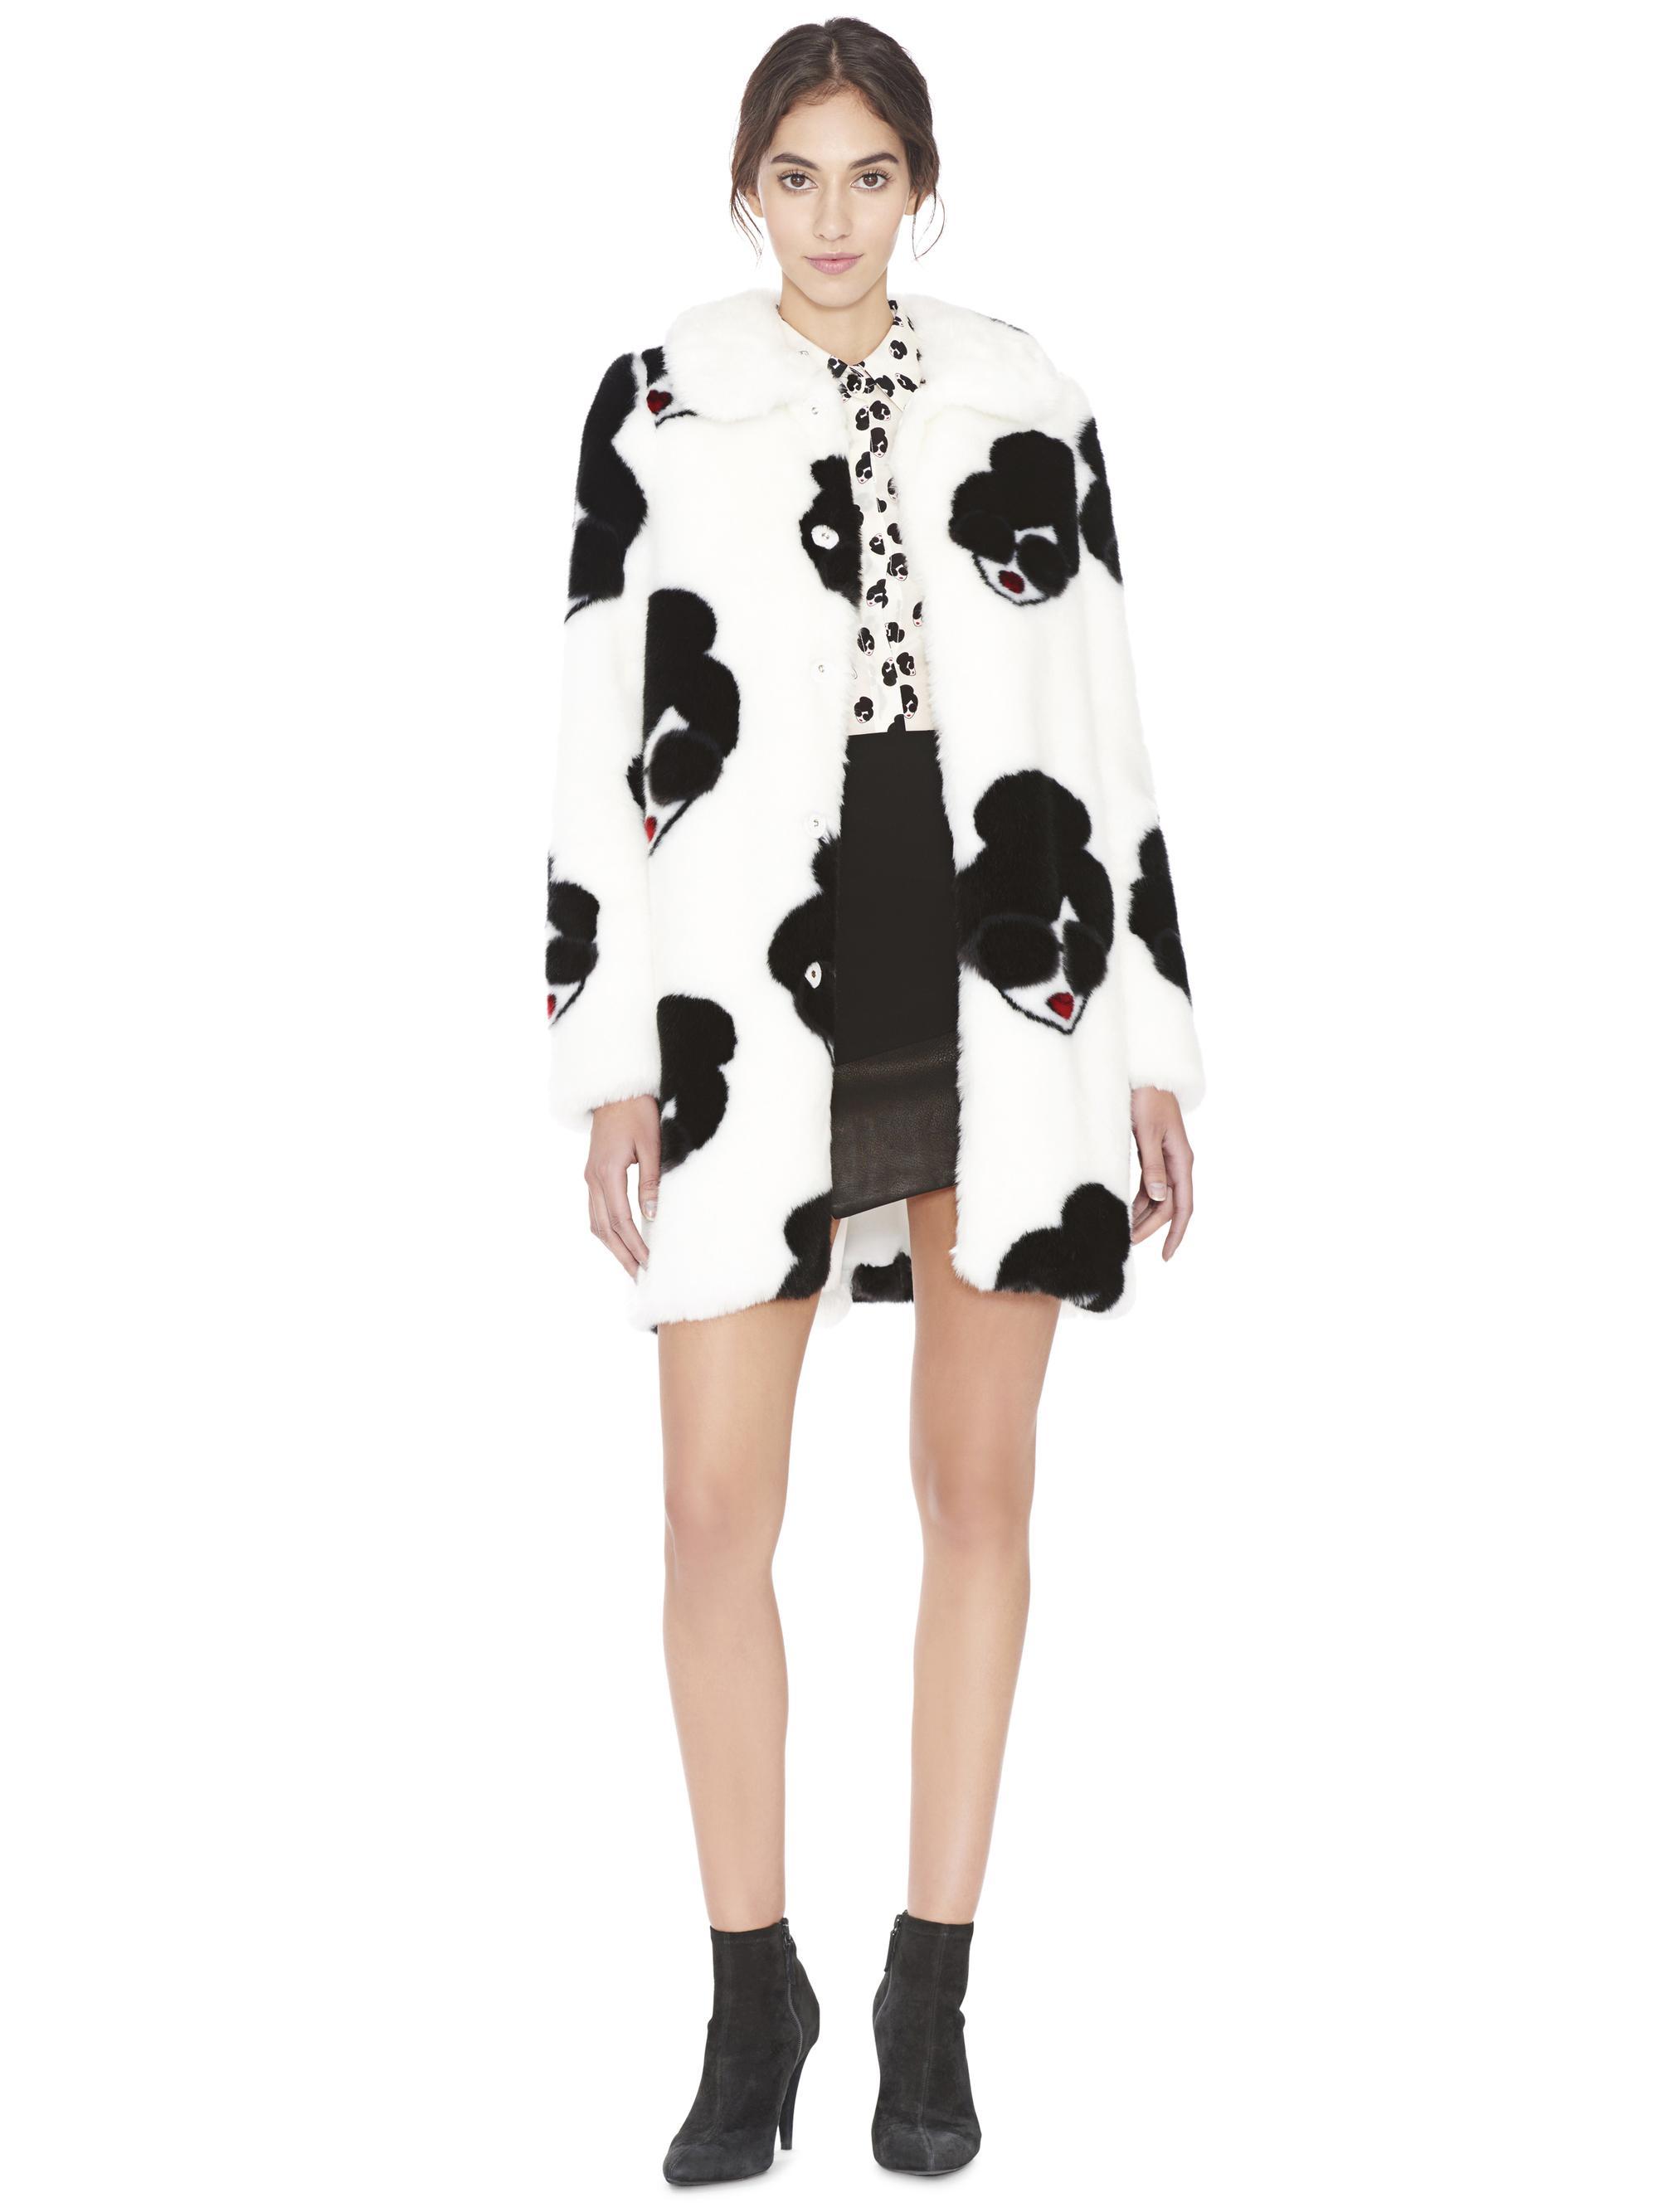 3a5bf9de72ea Alice + Olivia Kinsley Faux Fur Oversized Coat in Black - Lyst